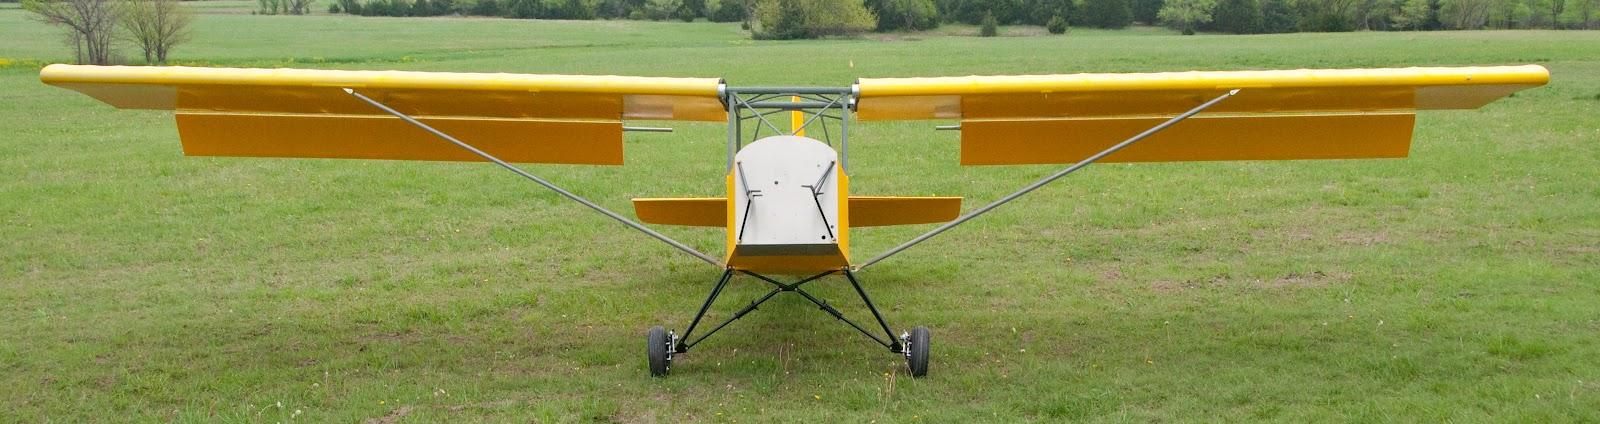 Belite Ultralight Blog: Belite Ultralight Aircraft For Sale